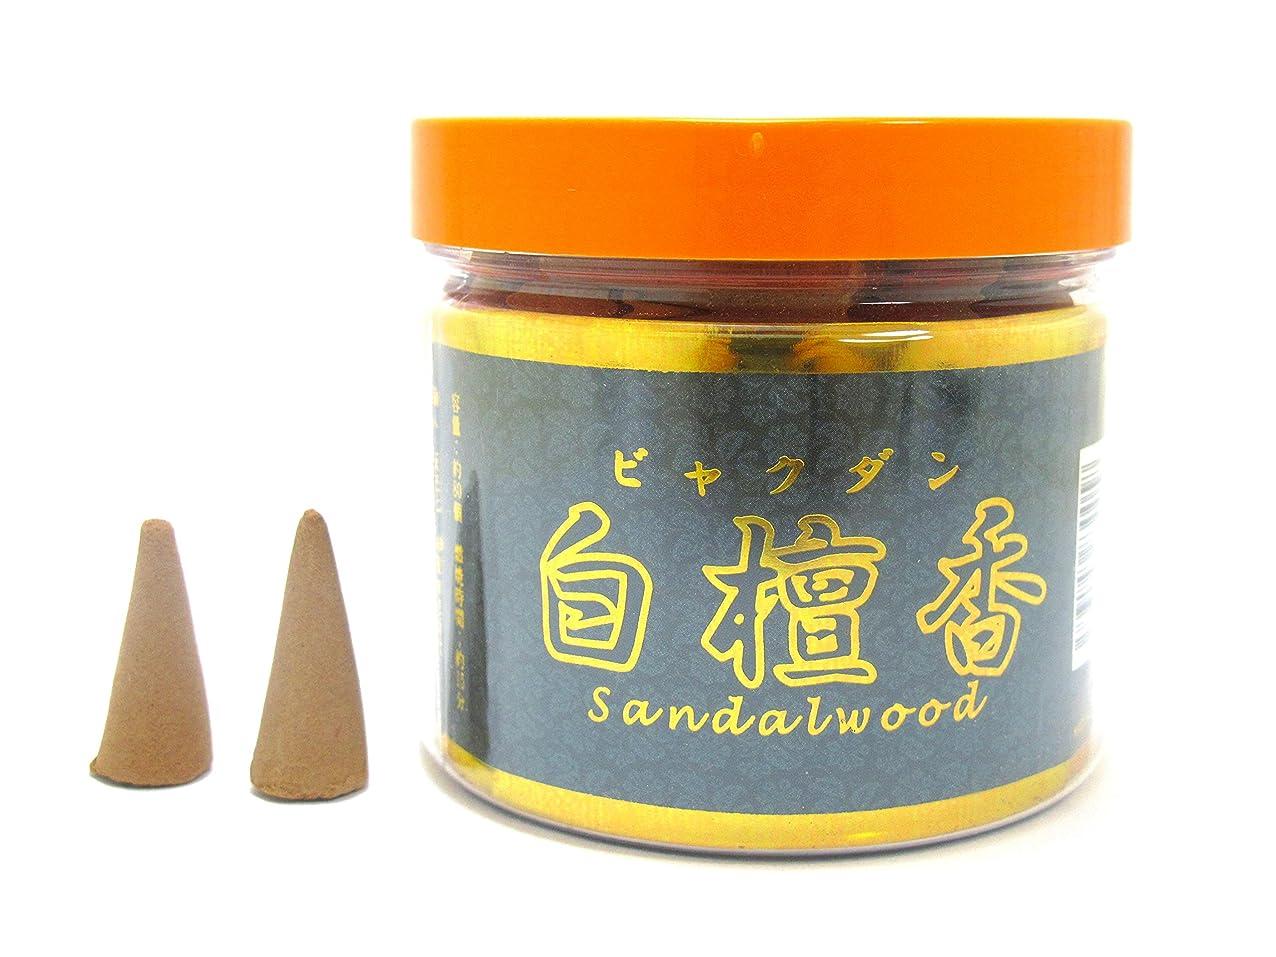 可決特定のシマウマお香 白檀香 sandalwood 三角香 コーン 約80個入り KO-006